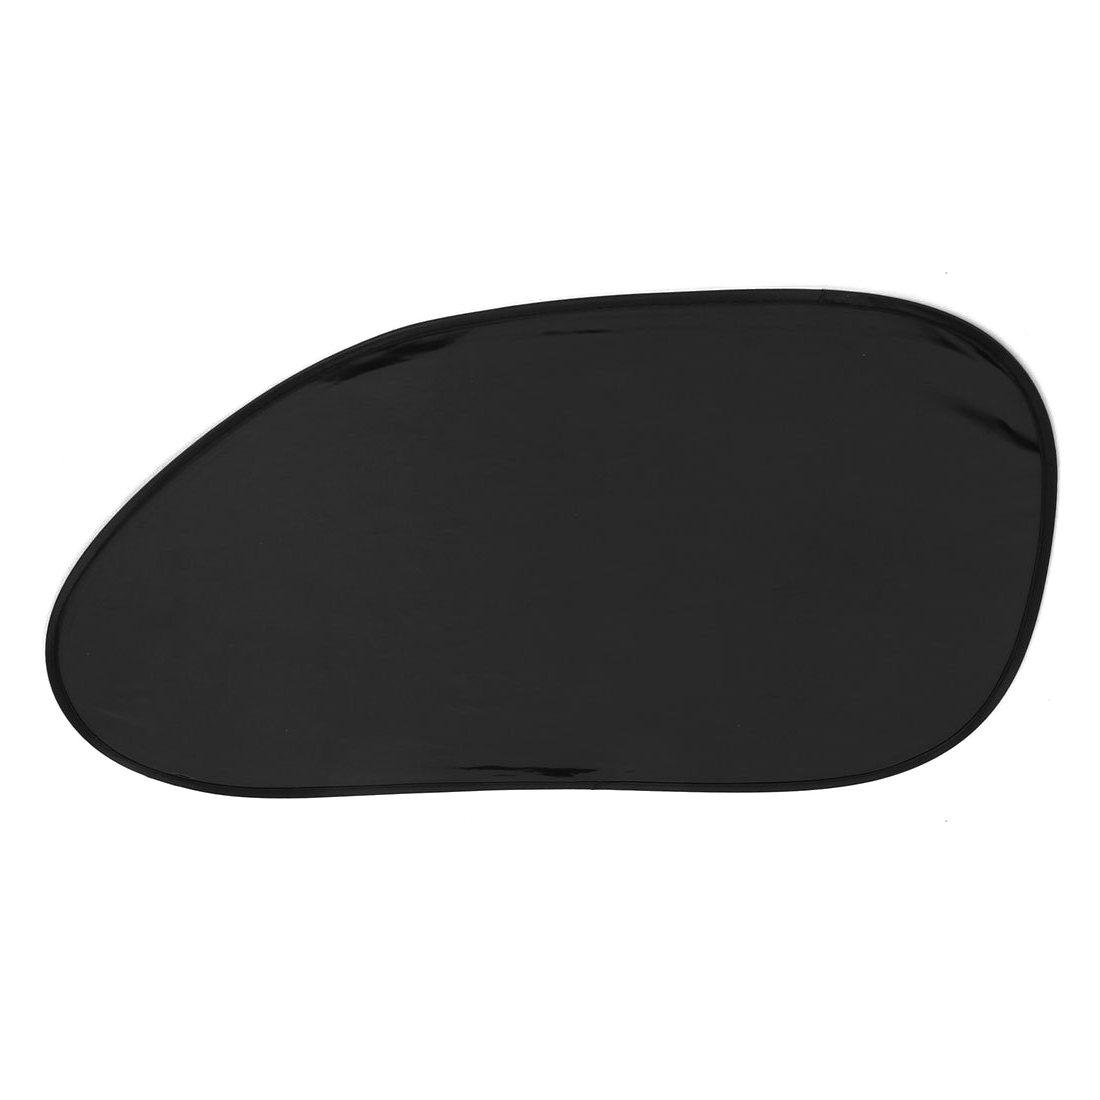 Absorption statisch elektrisch schwarz fenster for Klebefolie fenster schwarz